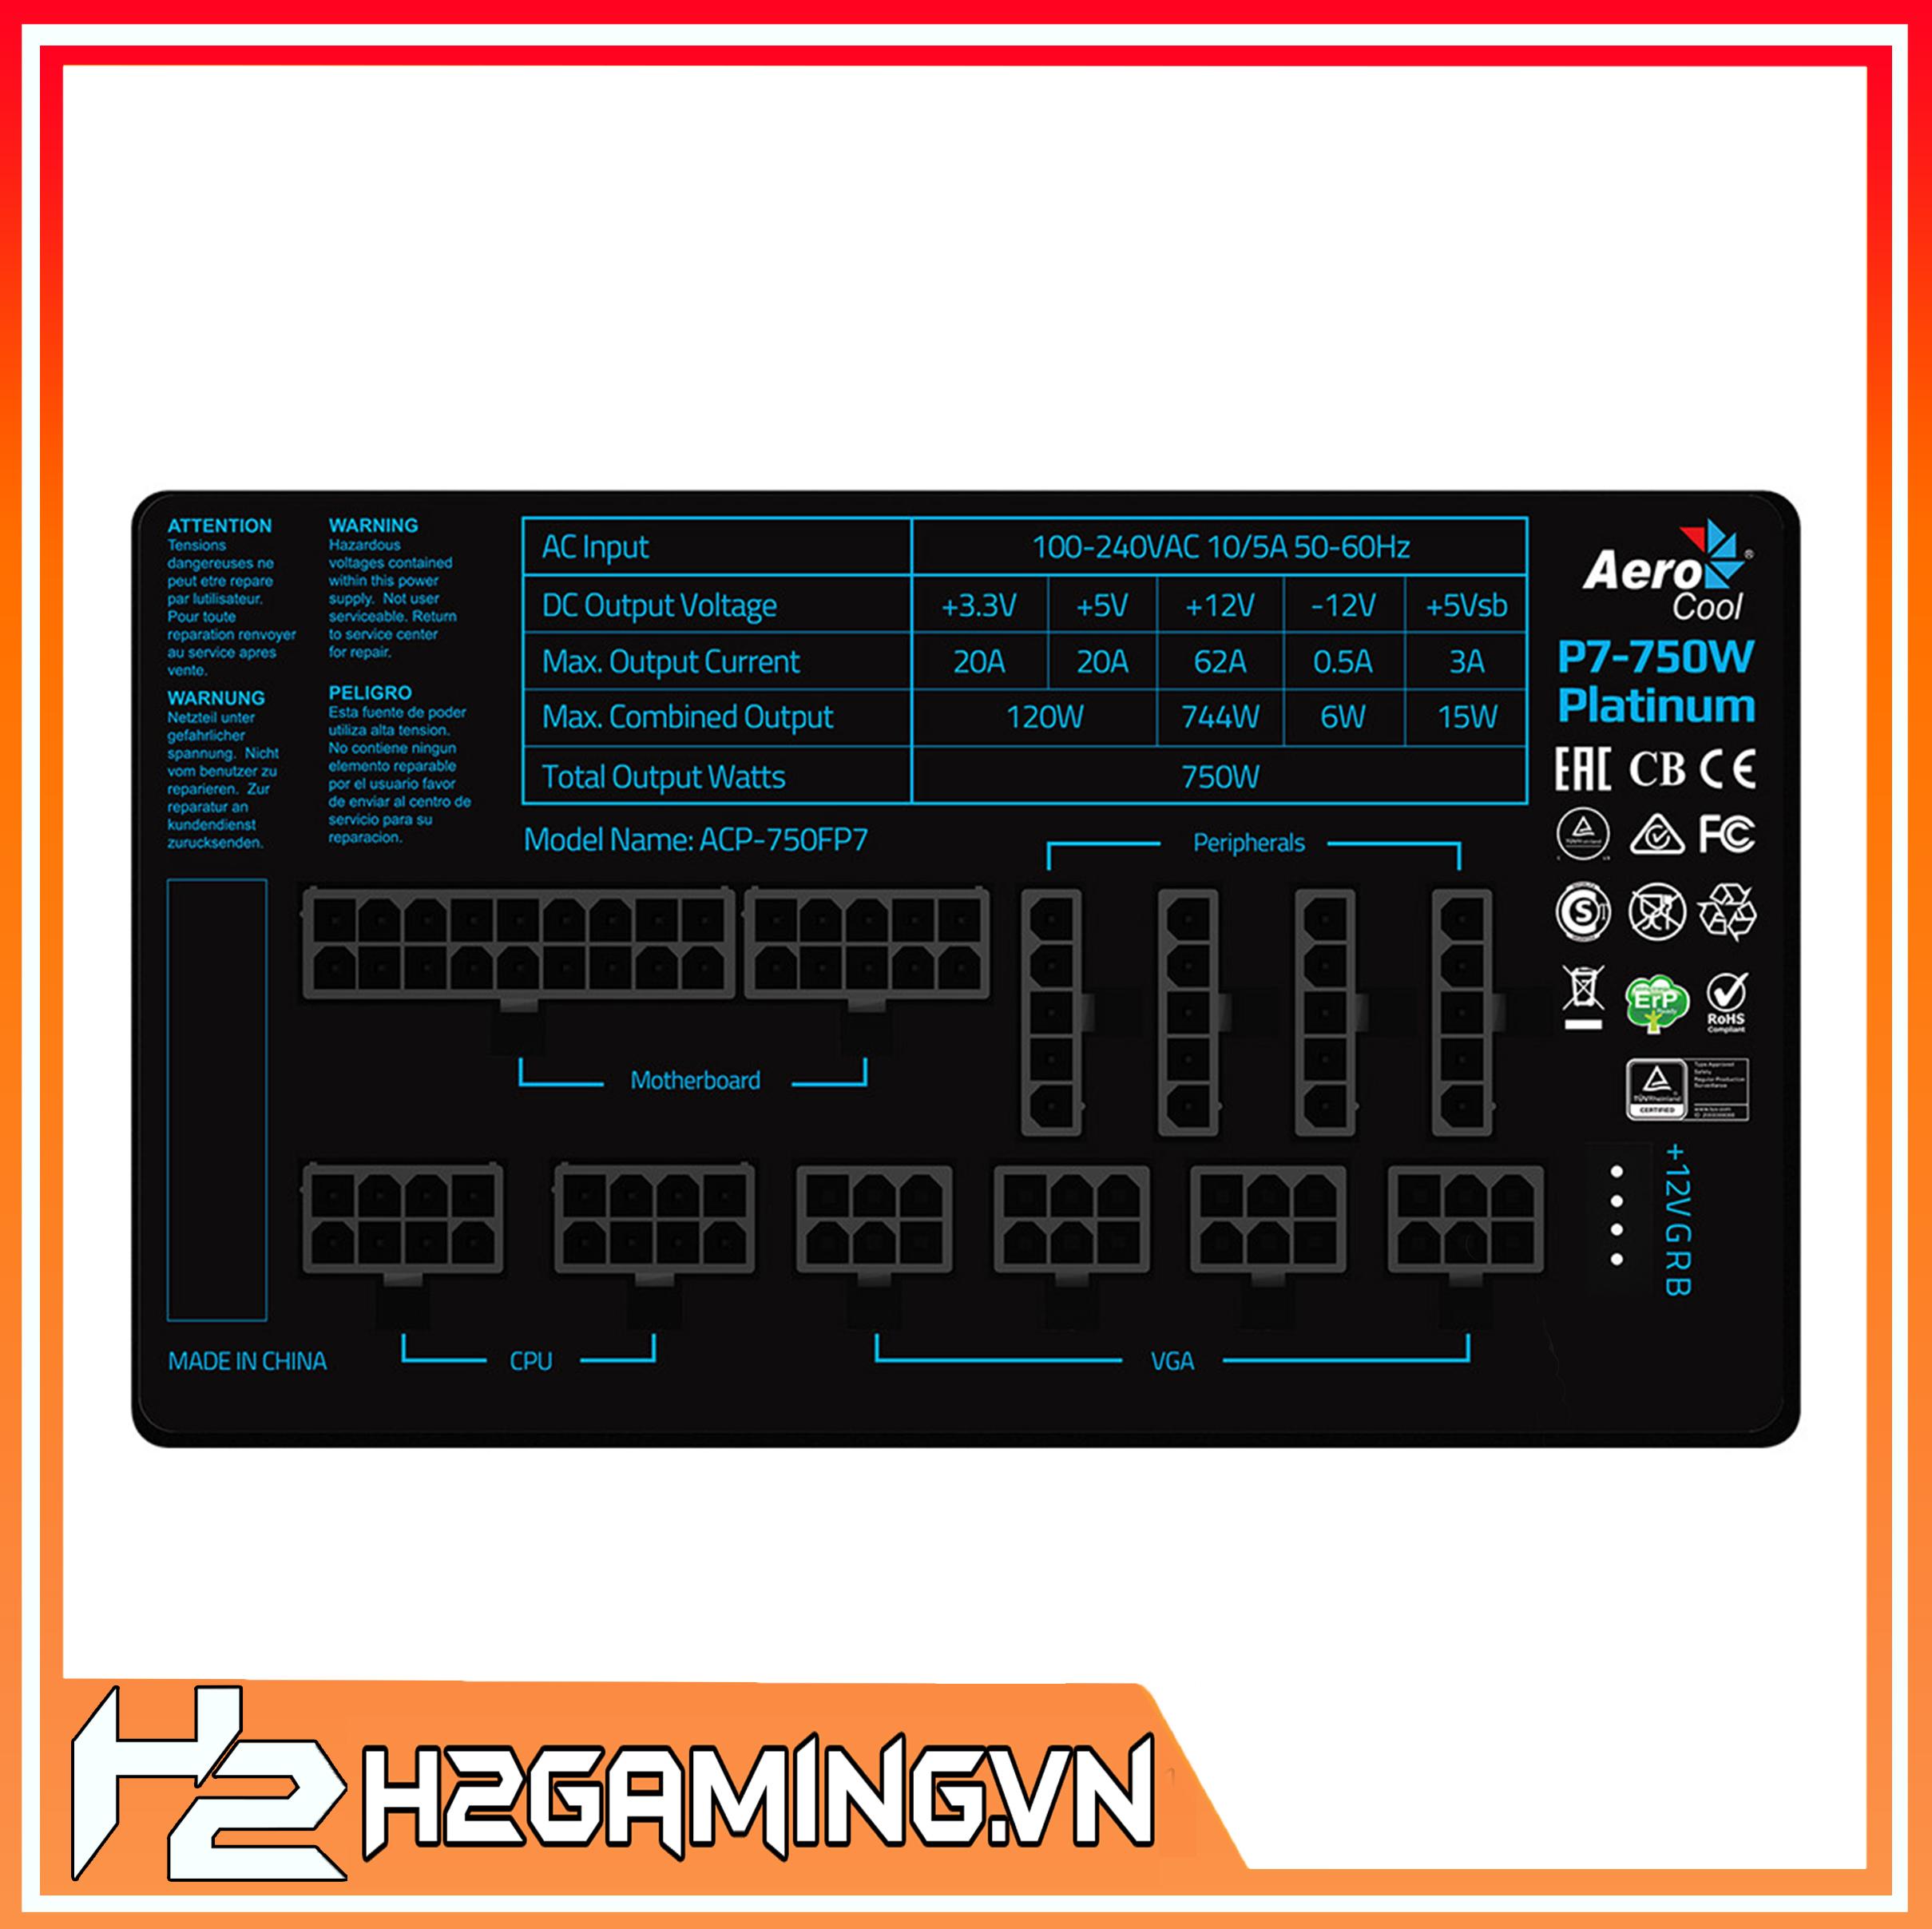 P7-750W_3